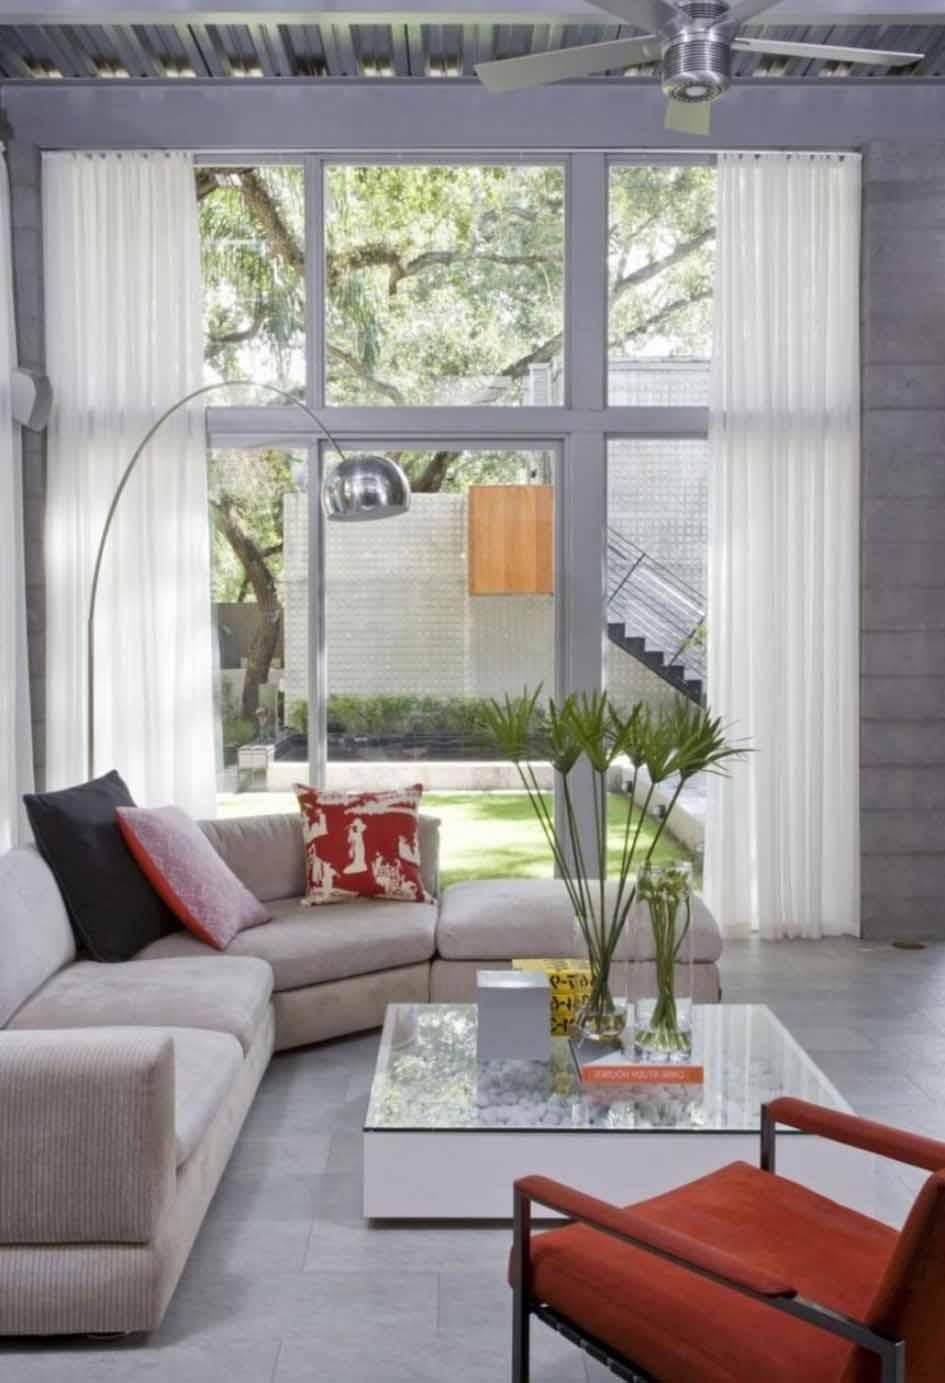 Desain Ruang Keluarga Kecil & Desain Rumah Minimalisku: Contoh Desain Ruang Keluarga Kecil